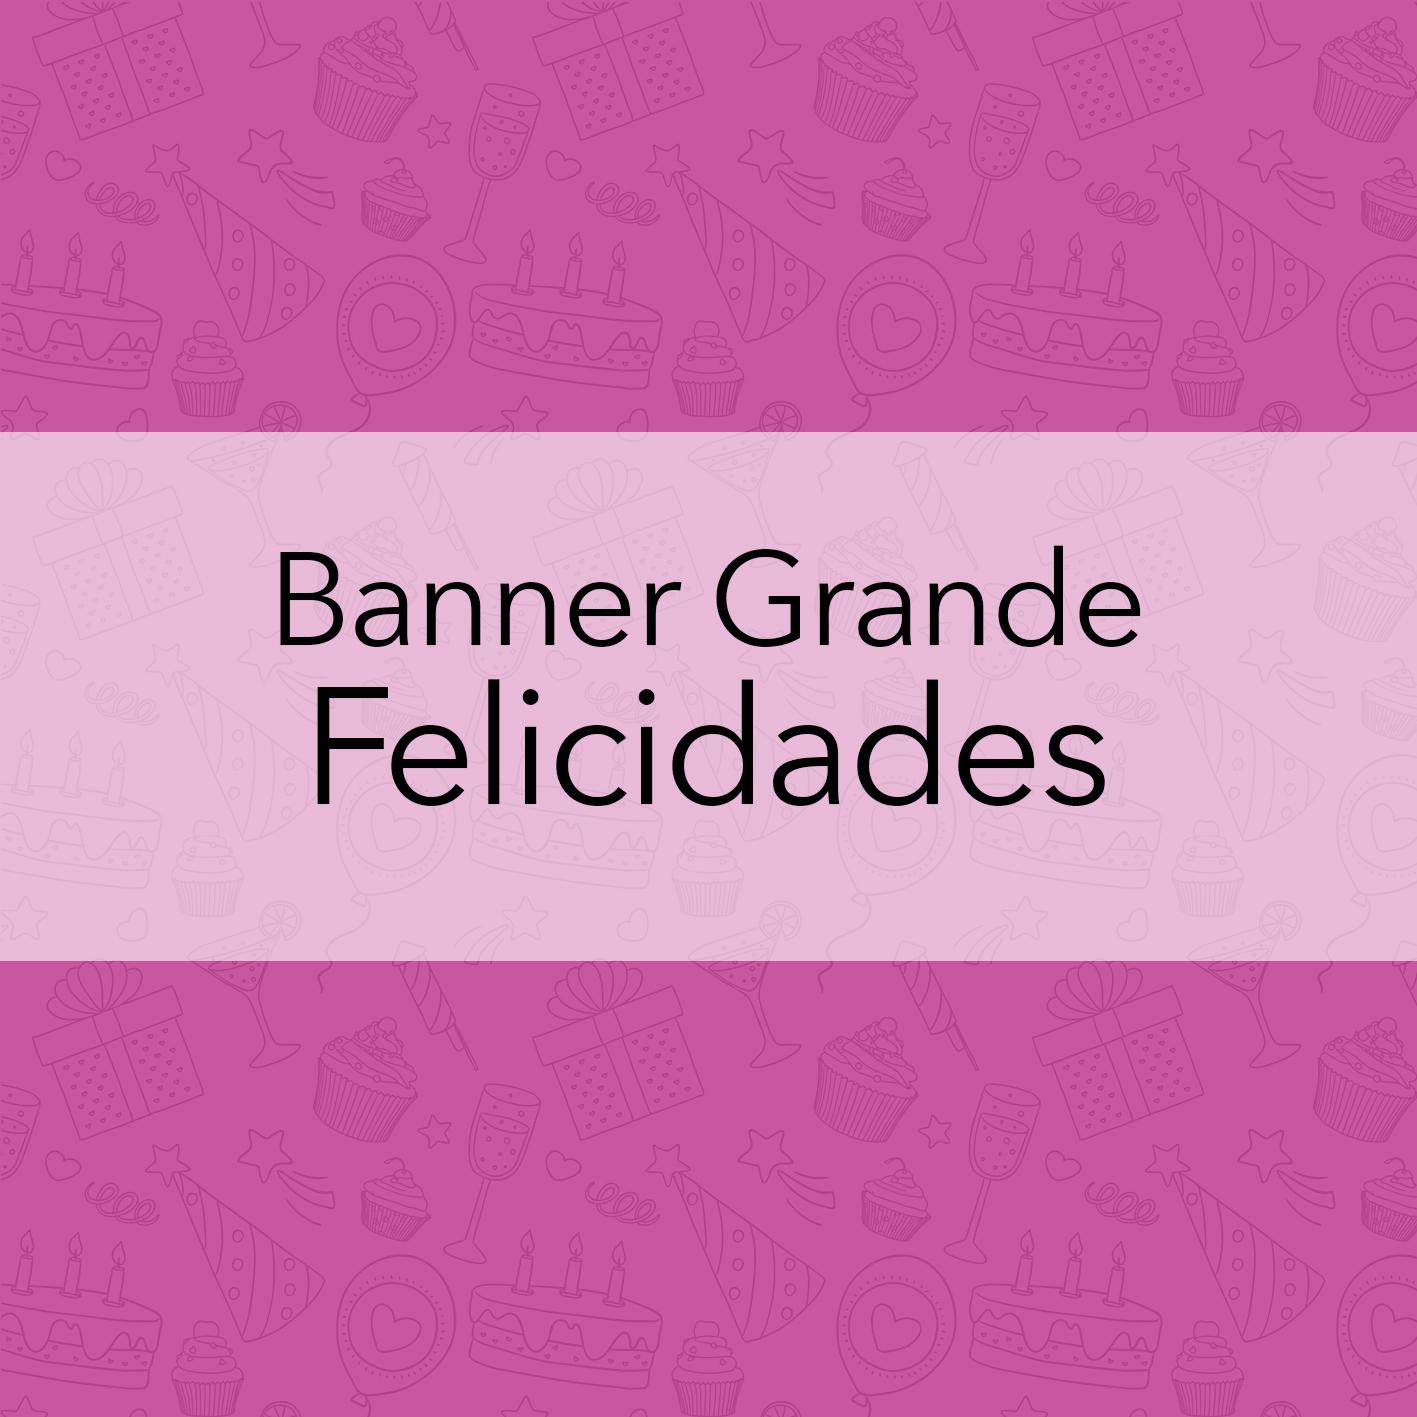 BANNERS GRANDES - FELICIDADES